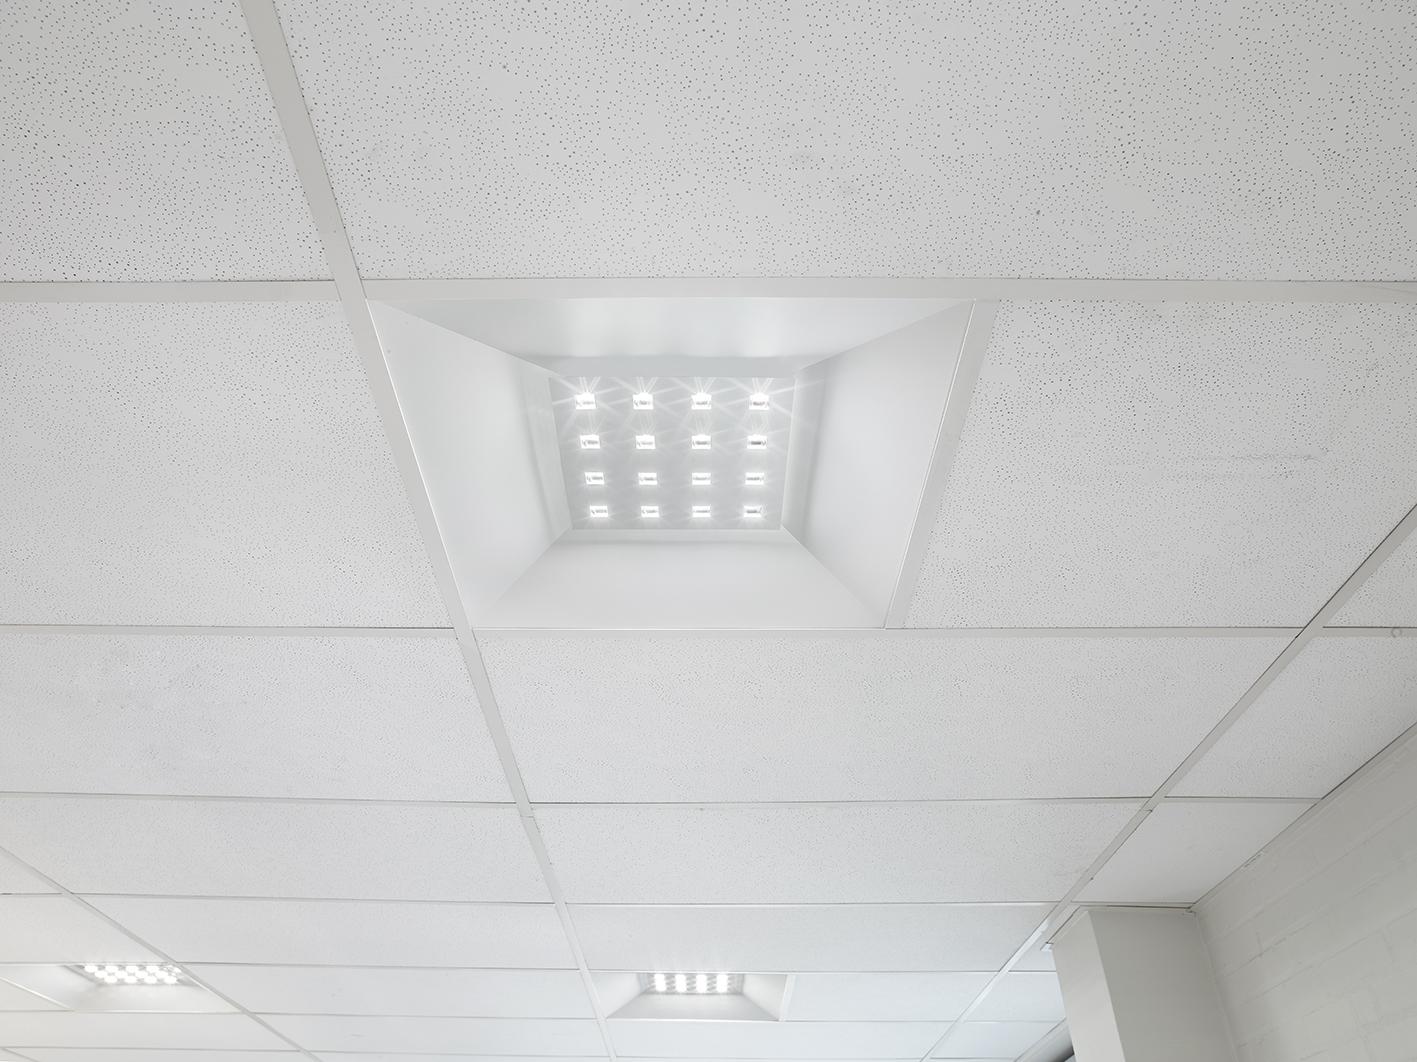 Aviora LED panel indbygget i synlig t-profil loft nærbillede - Luminex